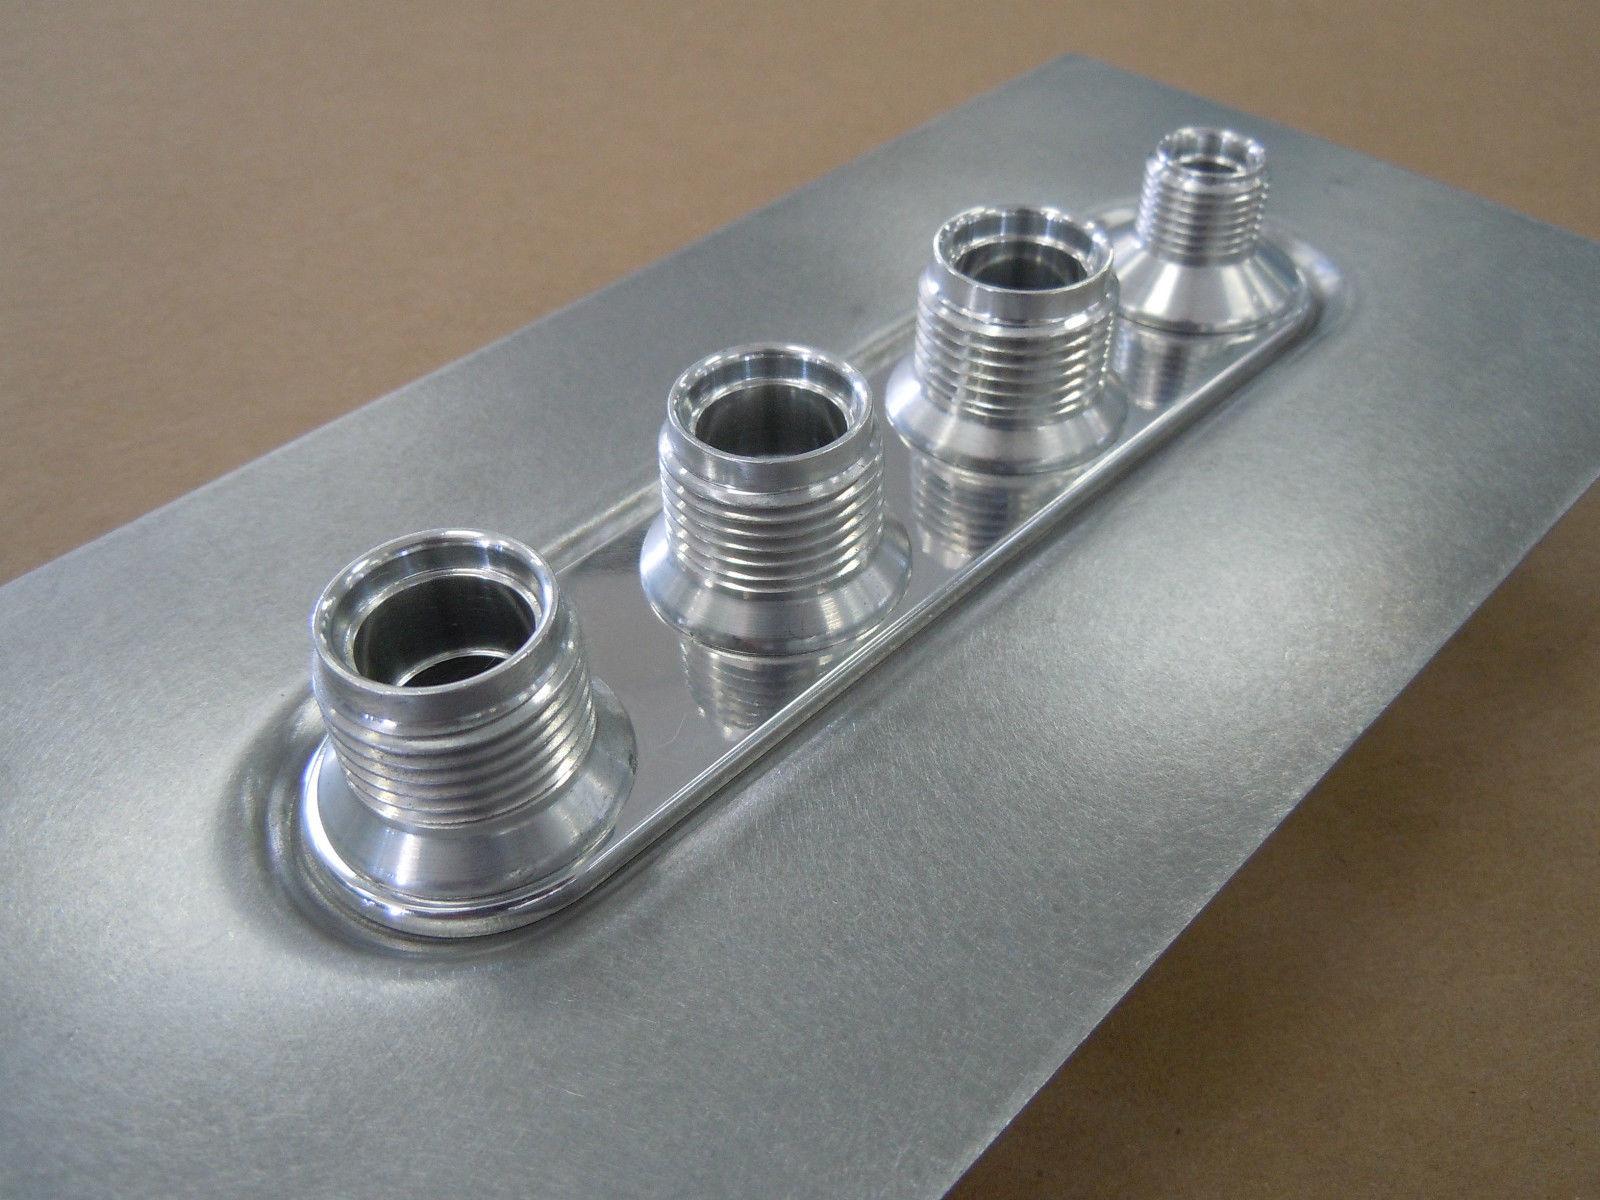 Vintage Air Bulkhead - 4 Way In Line - 18 Gauge Sheet Metal Panel